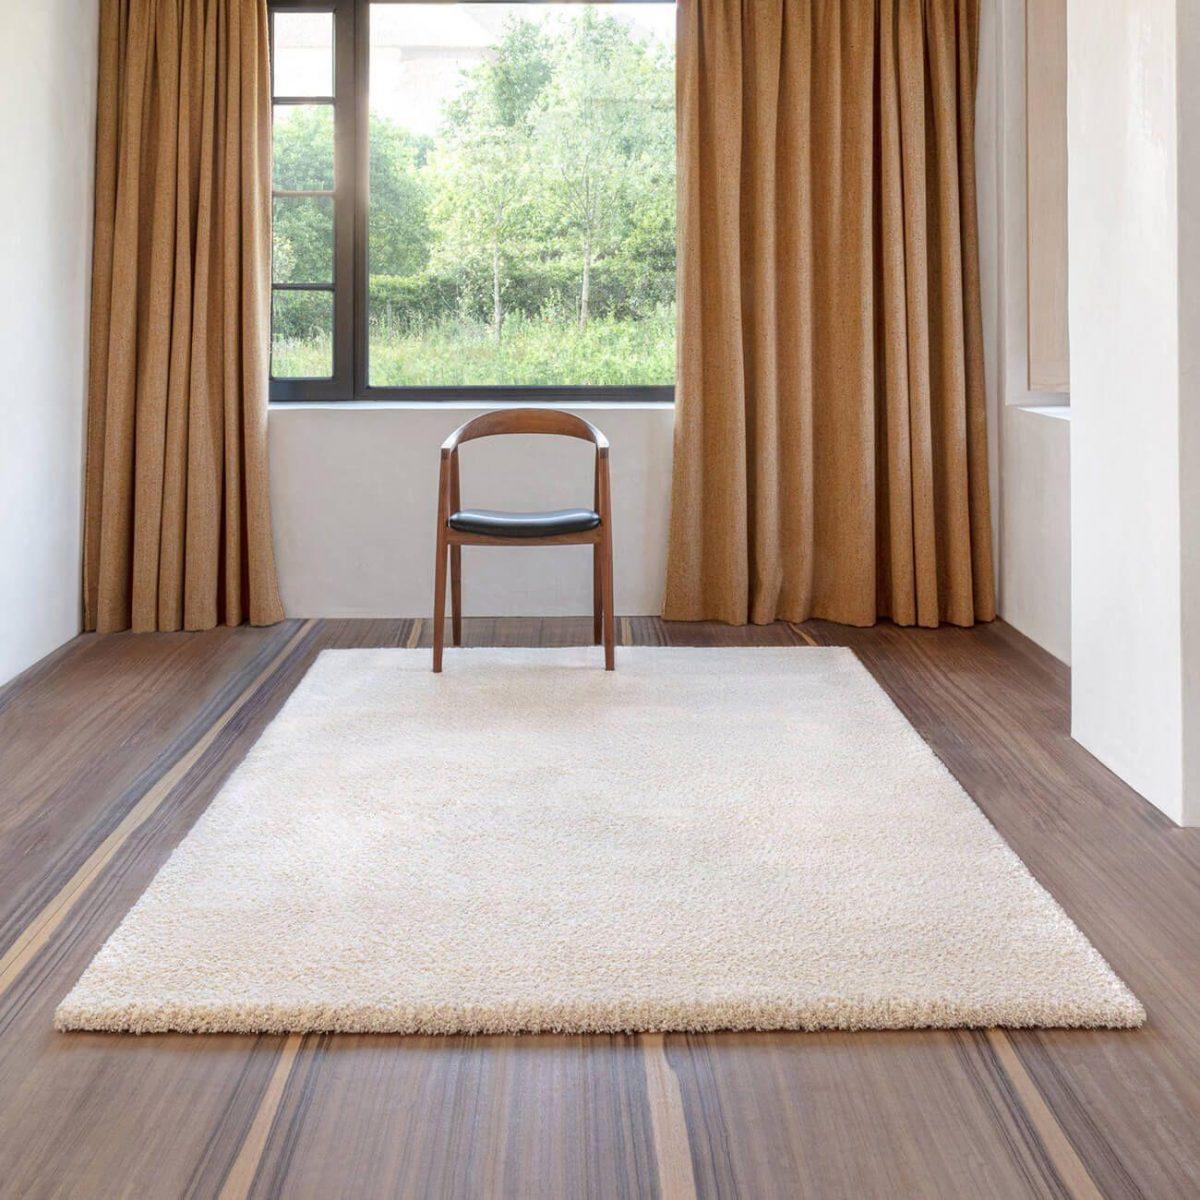 Galaxy 458 01 100 wool rug2